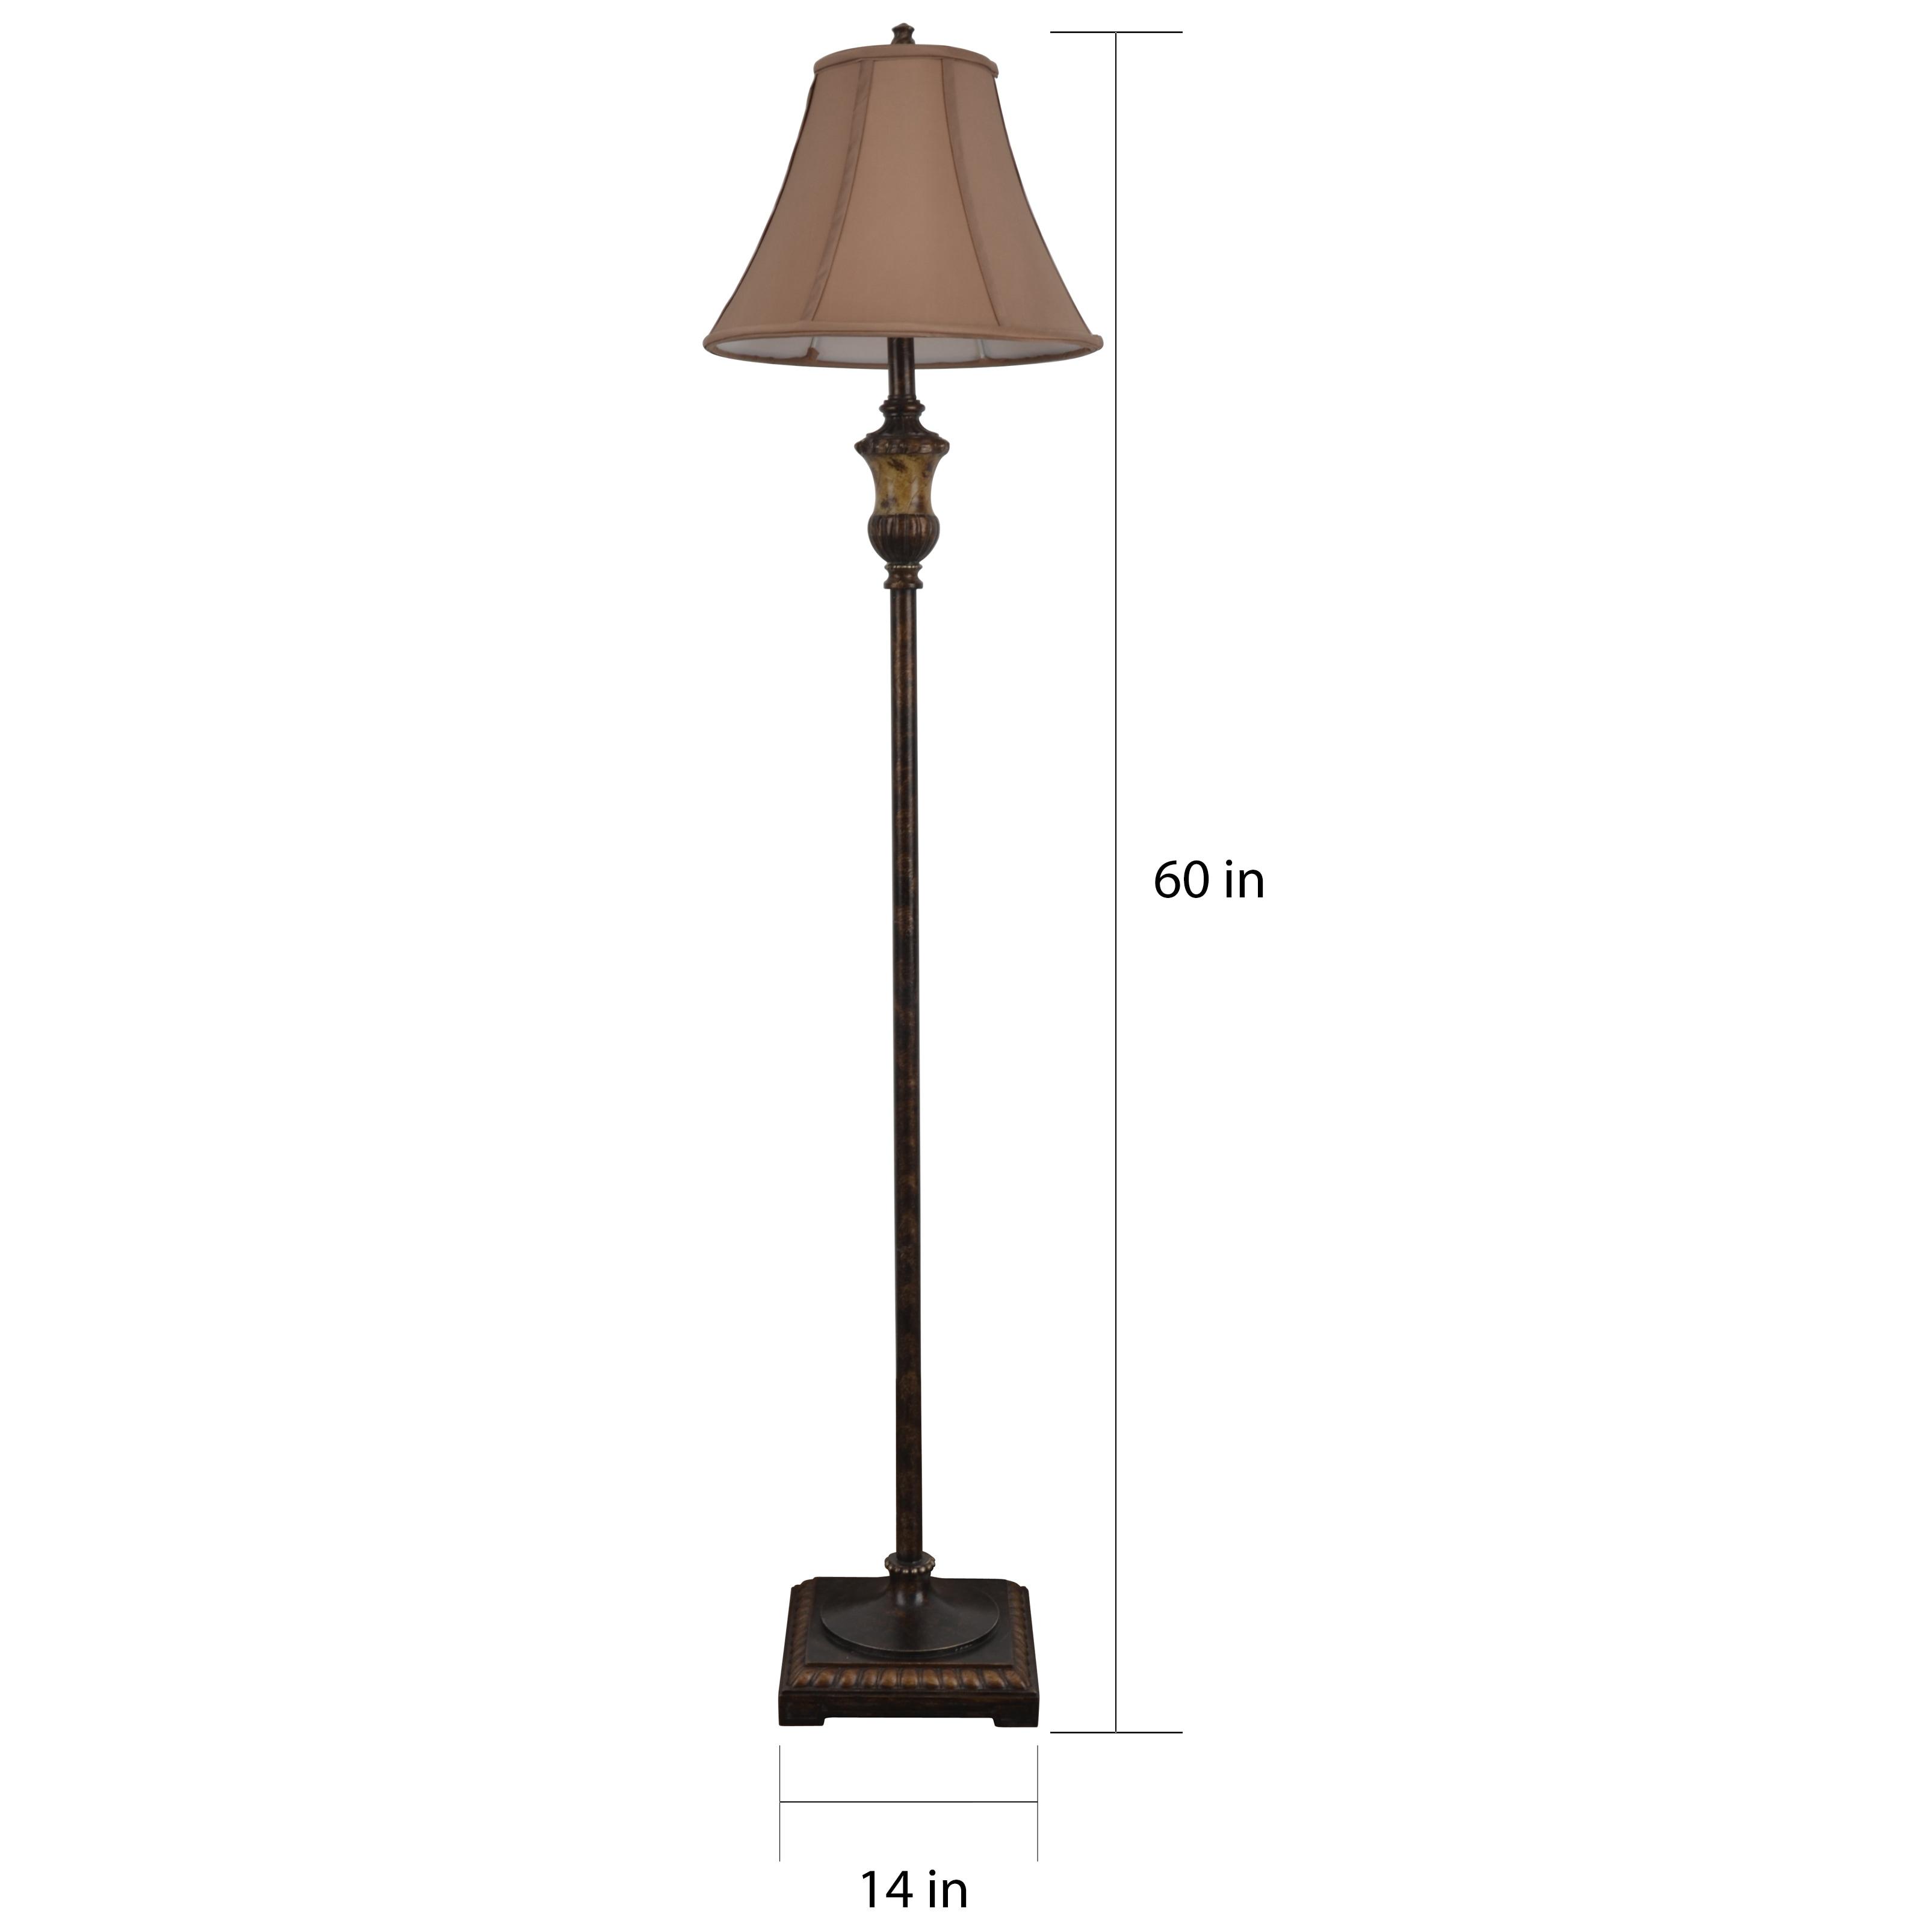 Shop 60 inch golden bronze floor lamp free shipping on orders over shop 60 inch golden bronze floor lamp free shipping on orders over 45 overstock 10172101 aloadofball Image collections